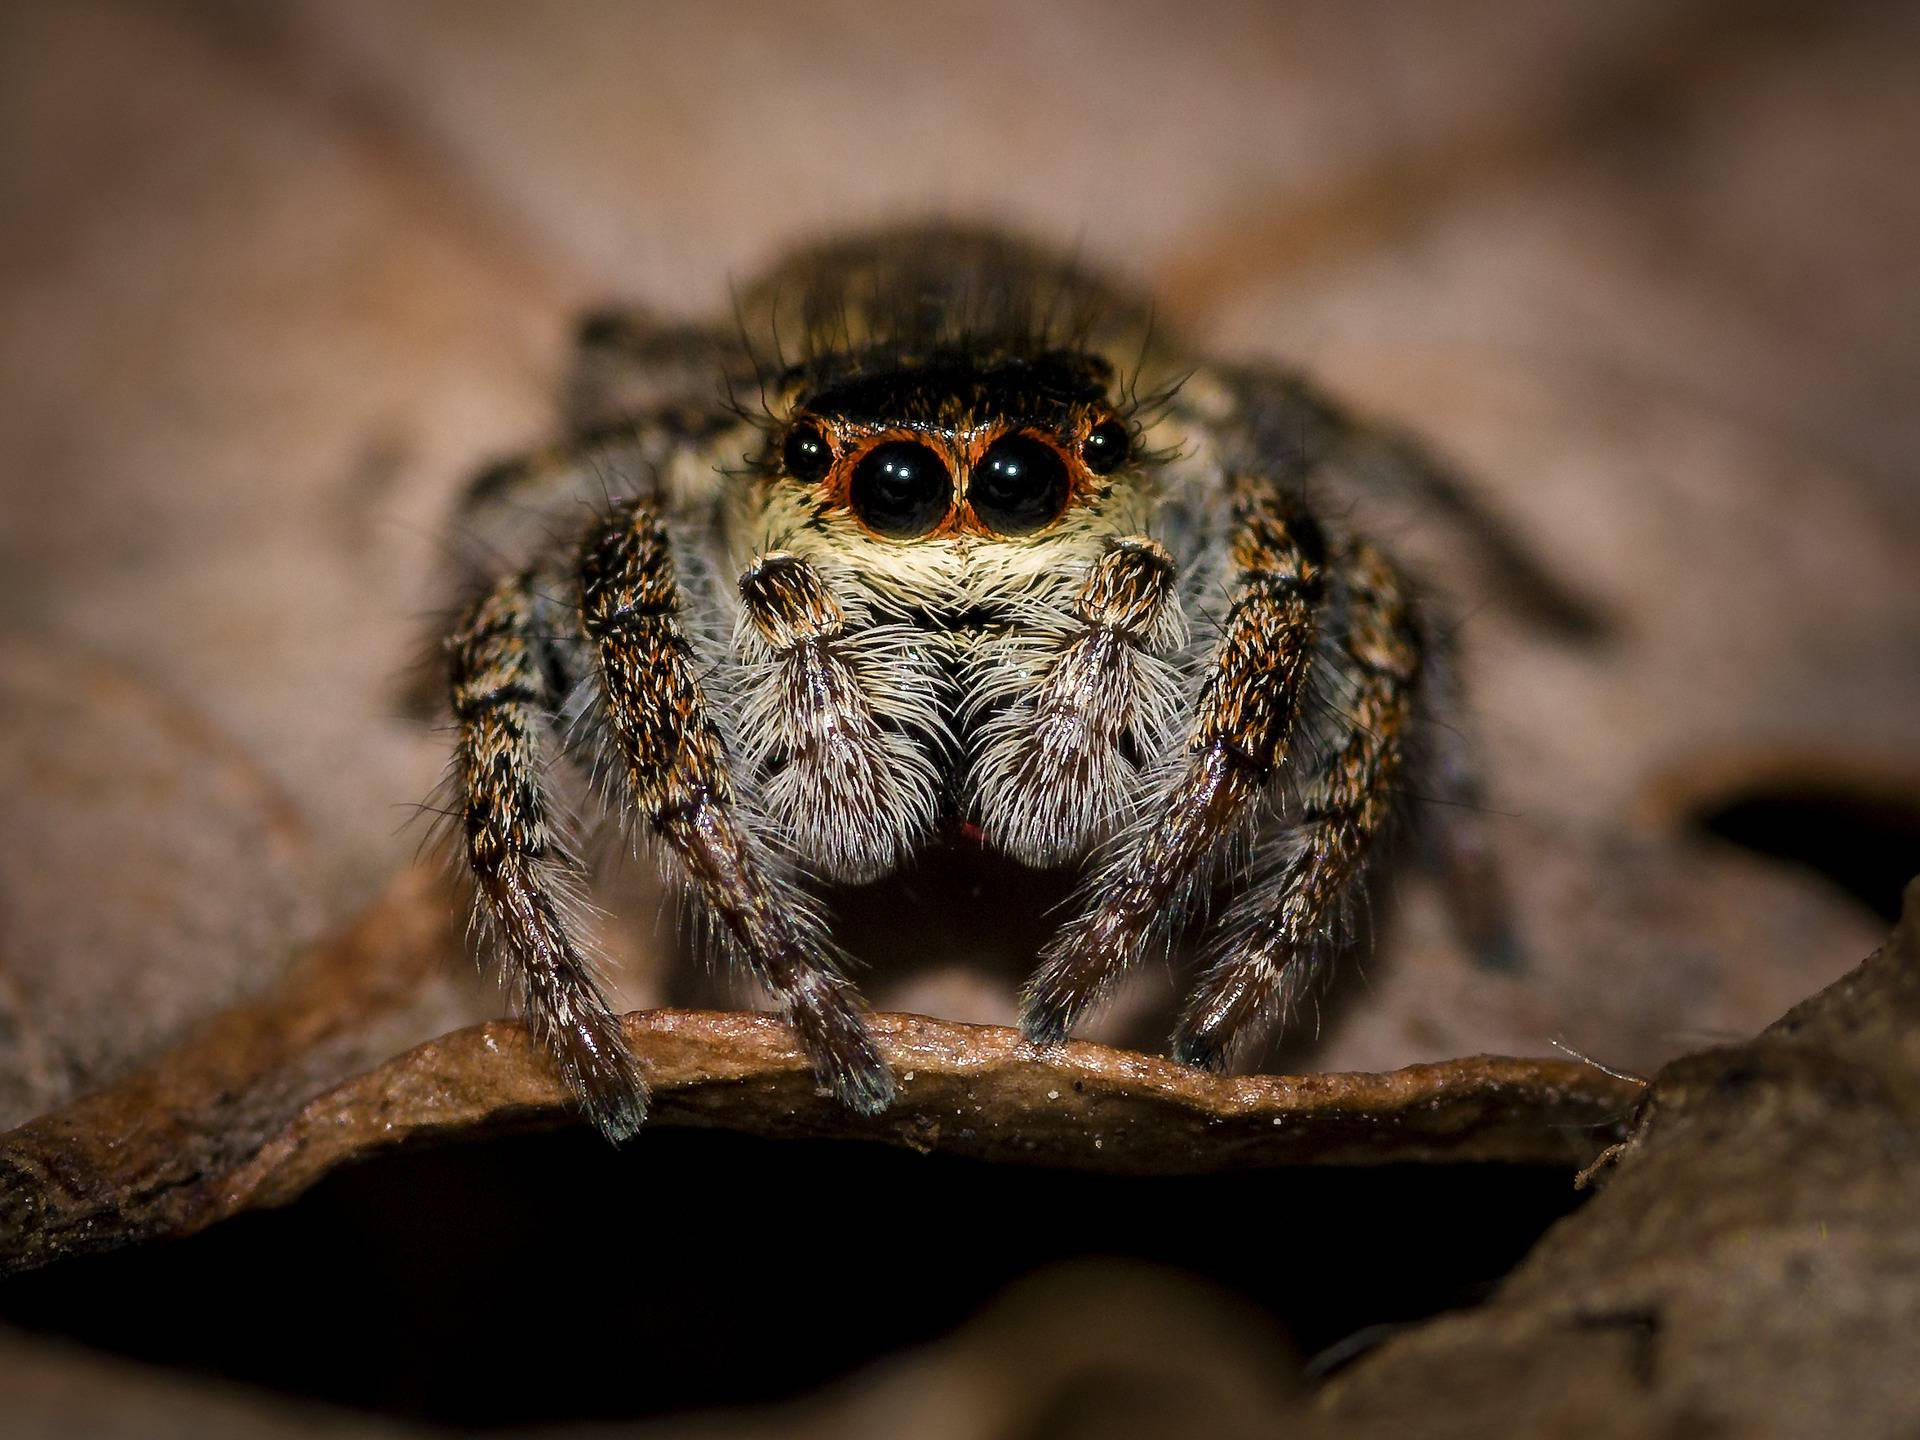 Spriječite 'useljavanje' pauka u vaš dom pomoću ovih trikova